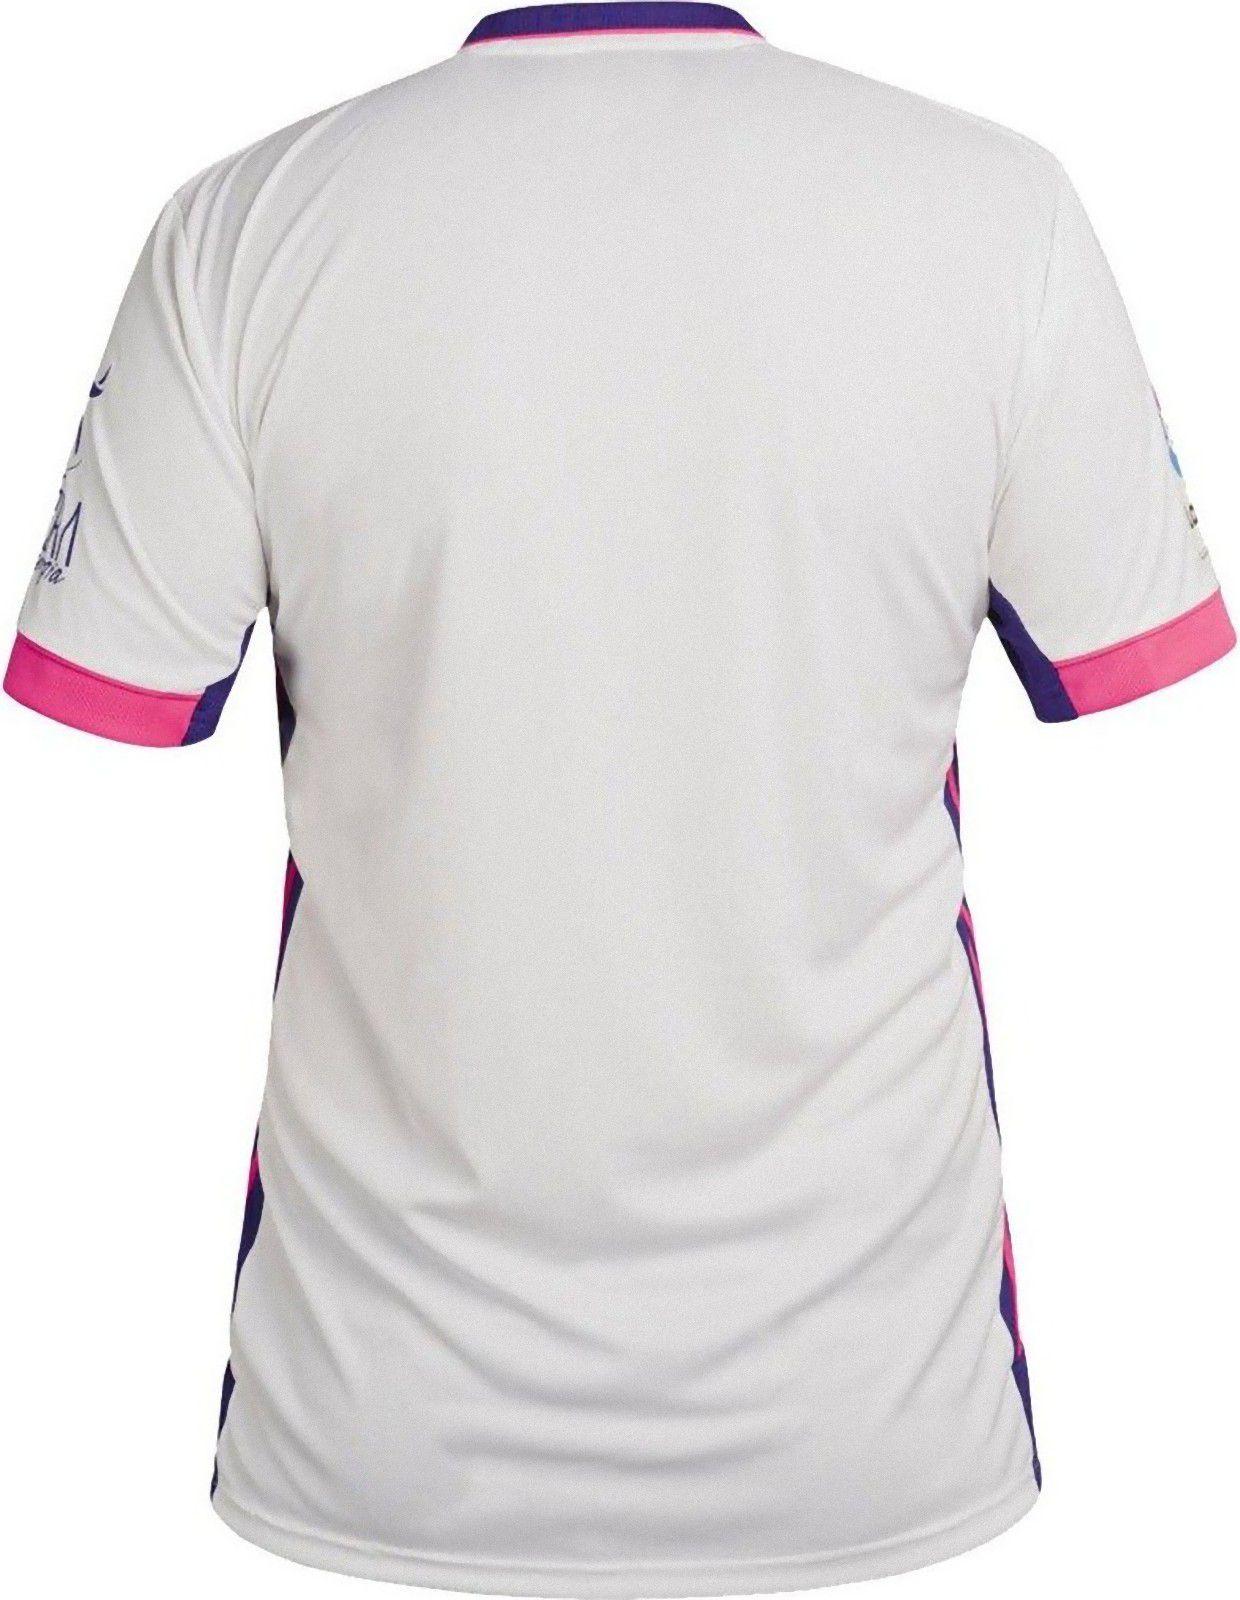 バリャドリード 2020-21 ユニフォーム - ユニ11